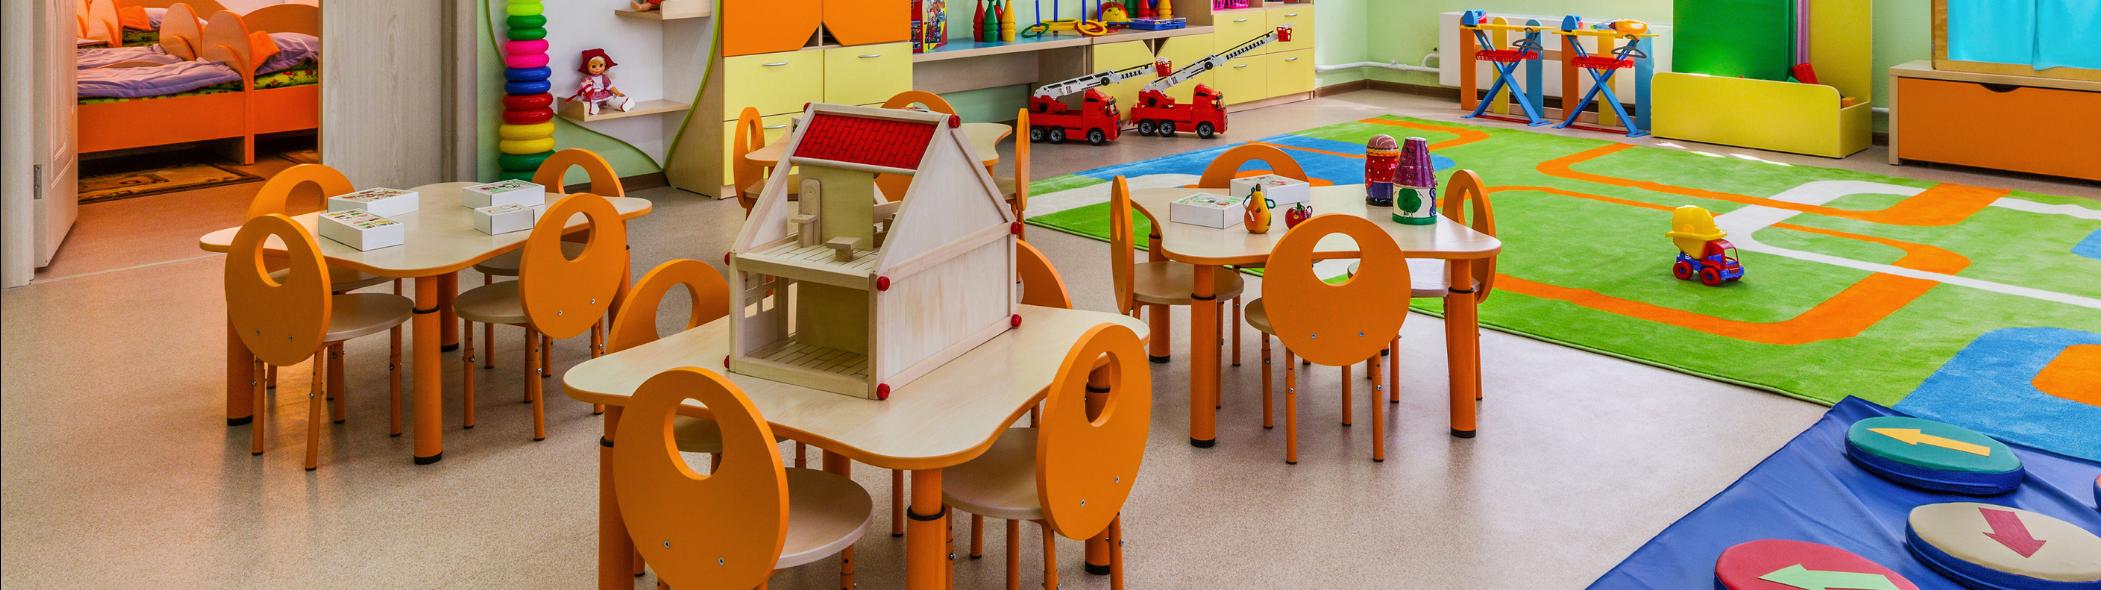 Serra Eğitim Araçları ve Ofis Donanımları